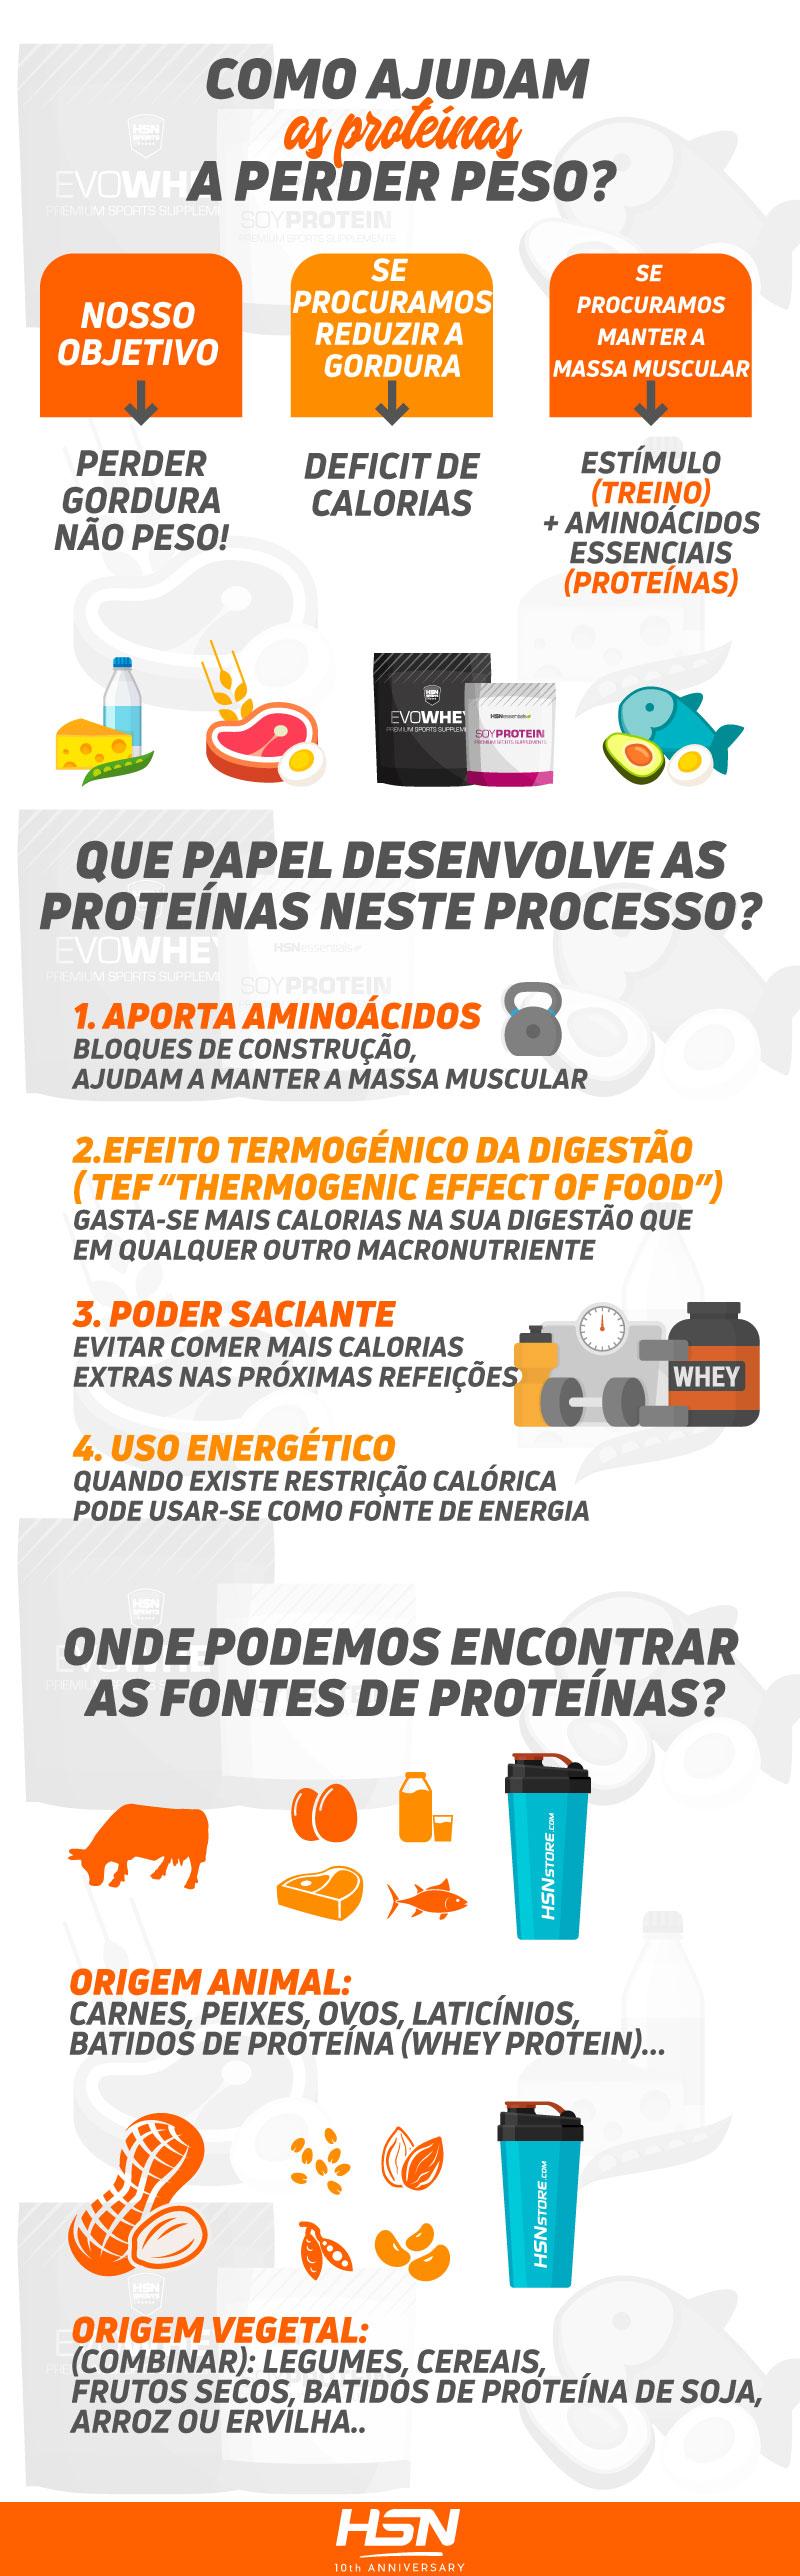 Como ajudam as proteinas a perder peso